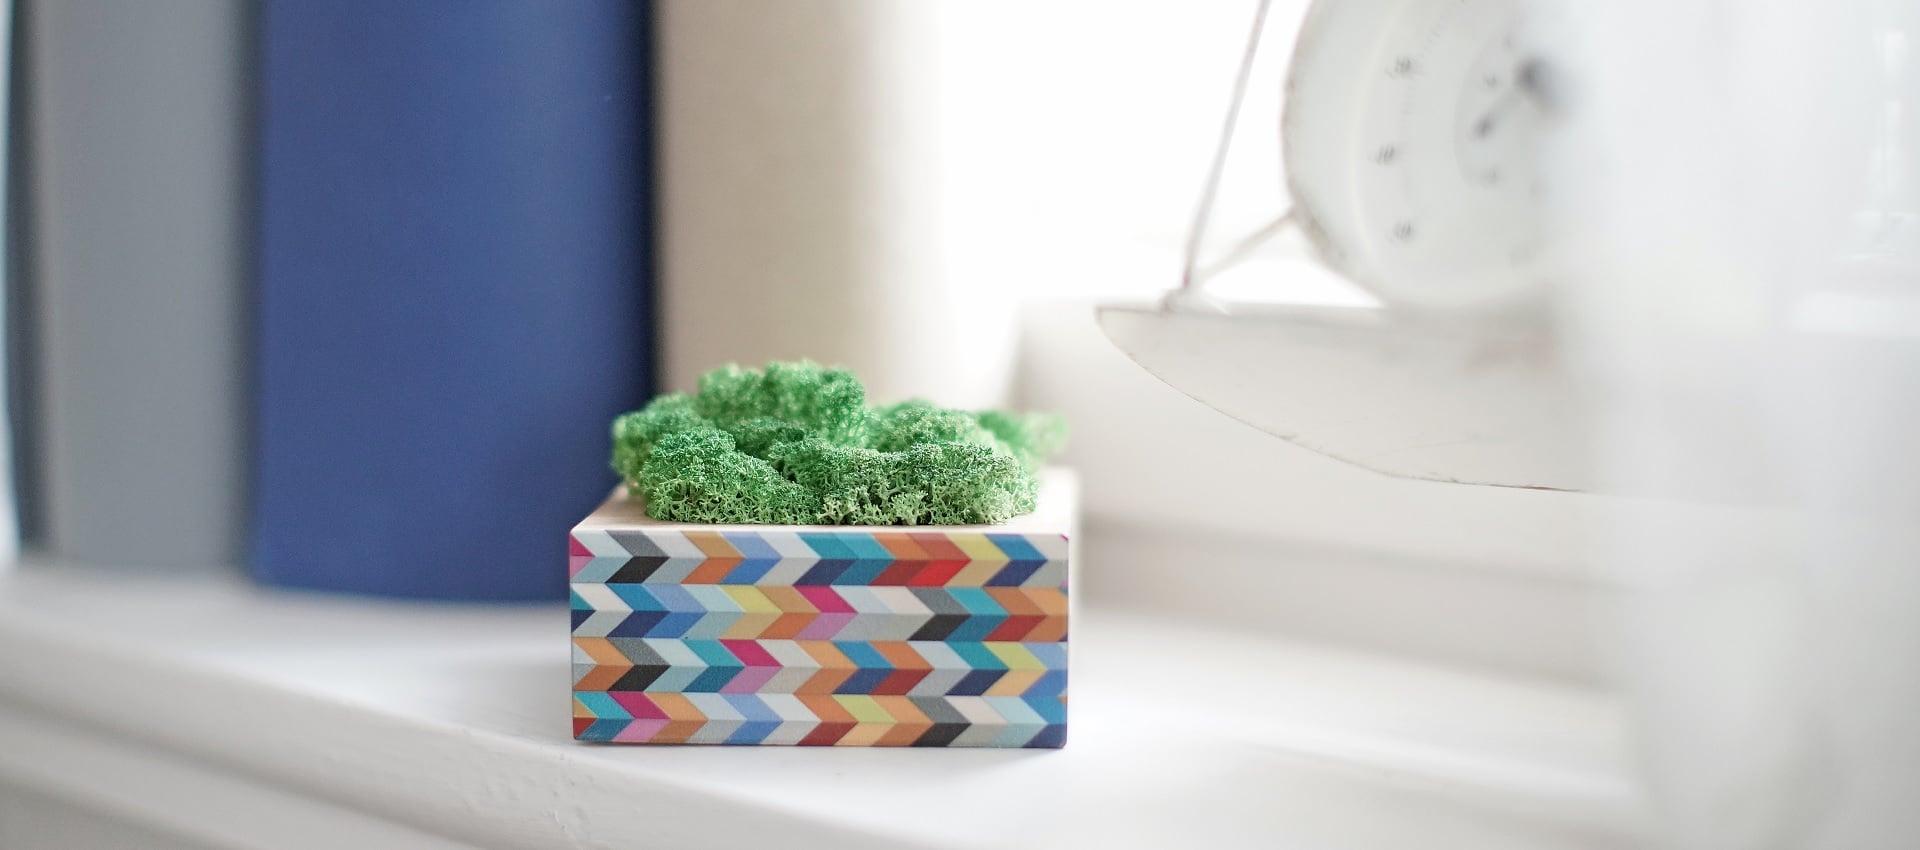 Higrometr z kolorowym nadrukiem - pomysł na prezent